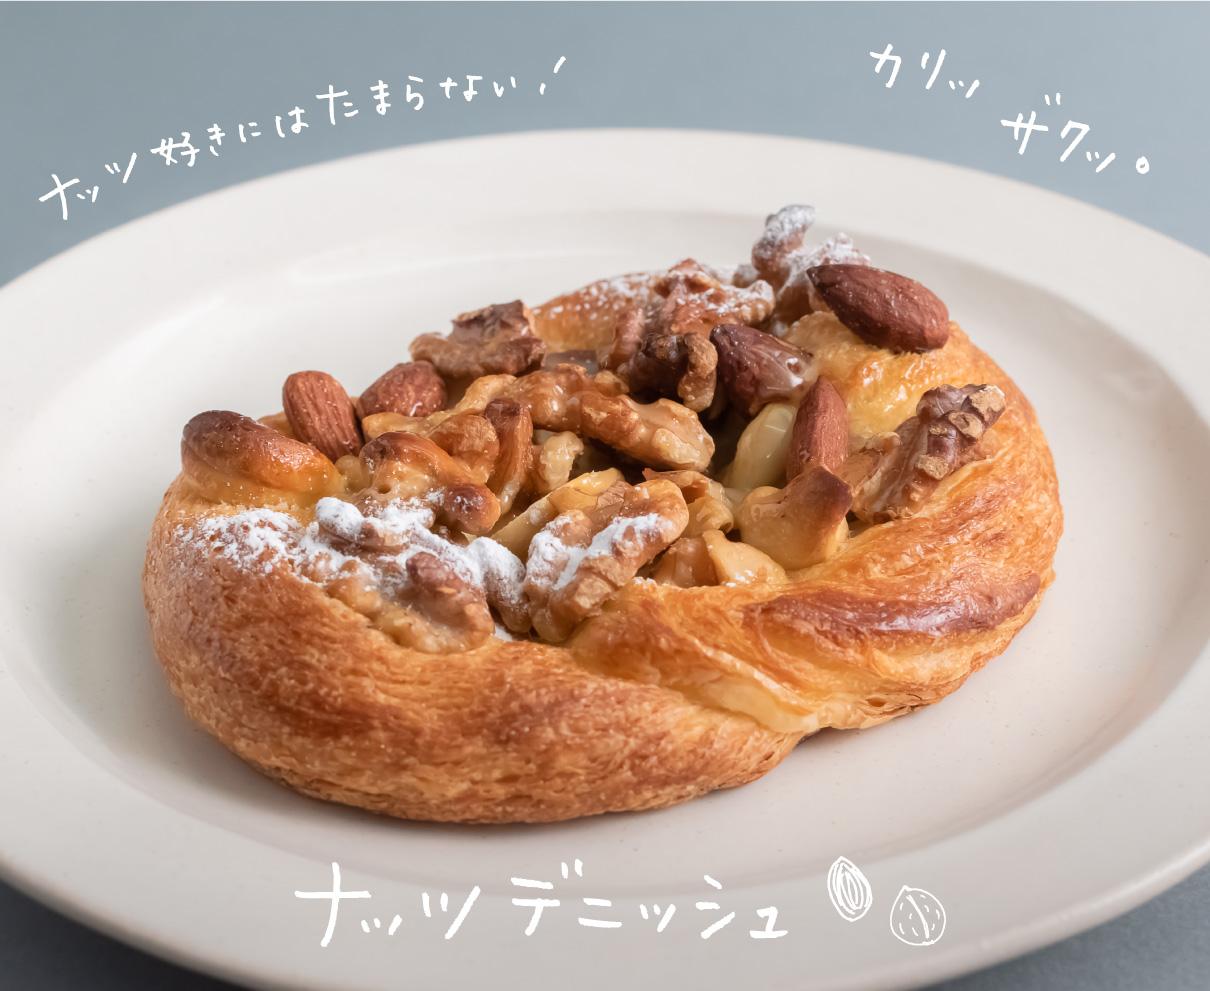 香ばしいナッツがゴロゴロ! 体にもうれしい人気のデニッシュ|ボンジョルノ